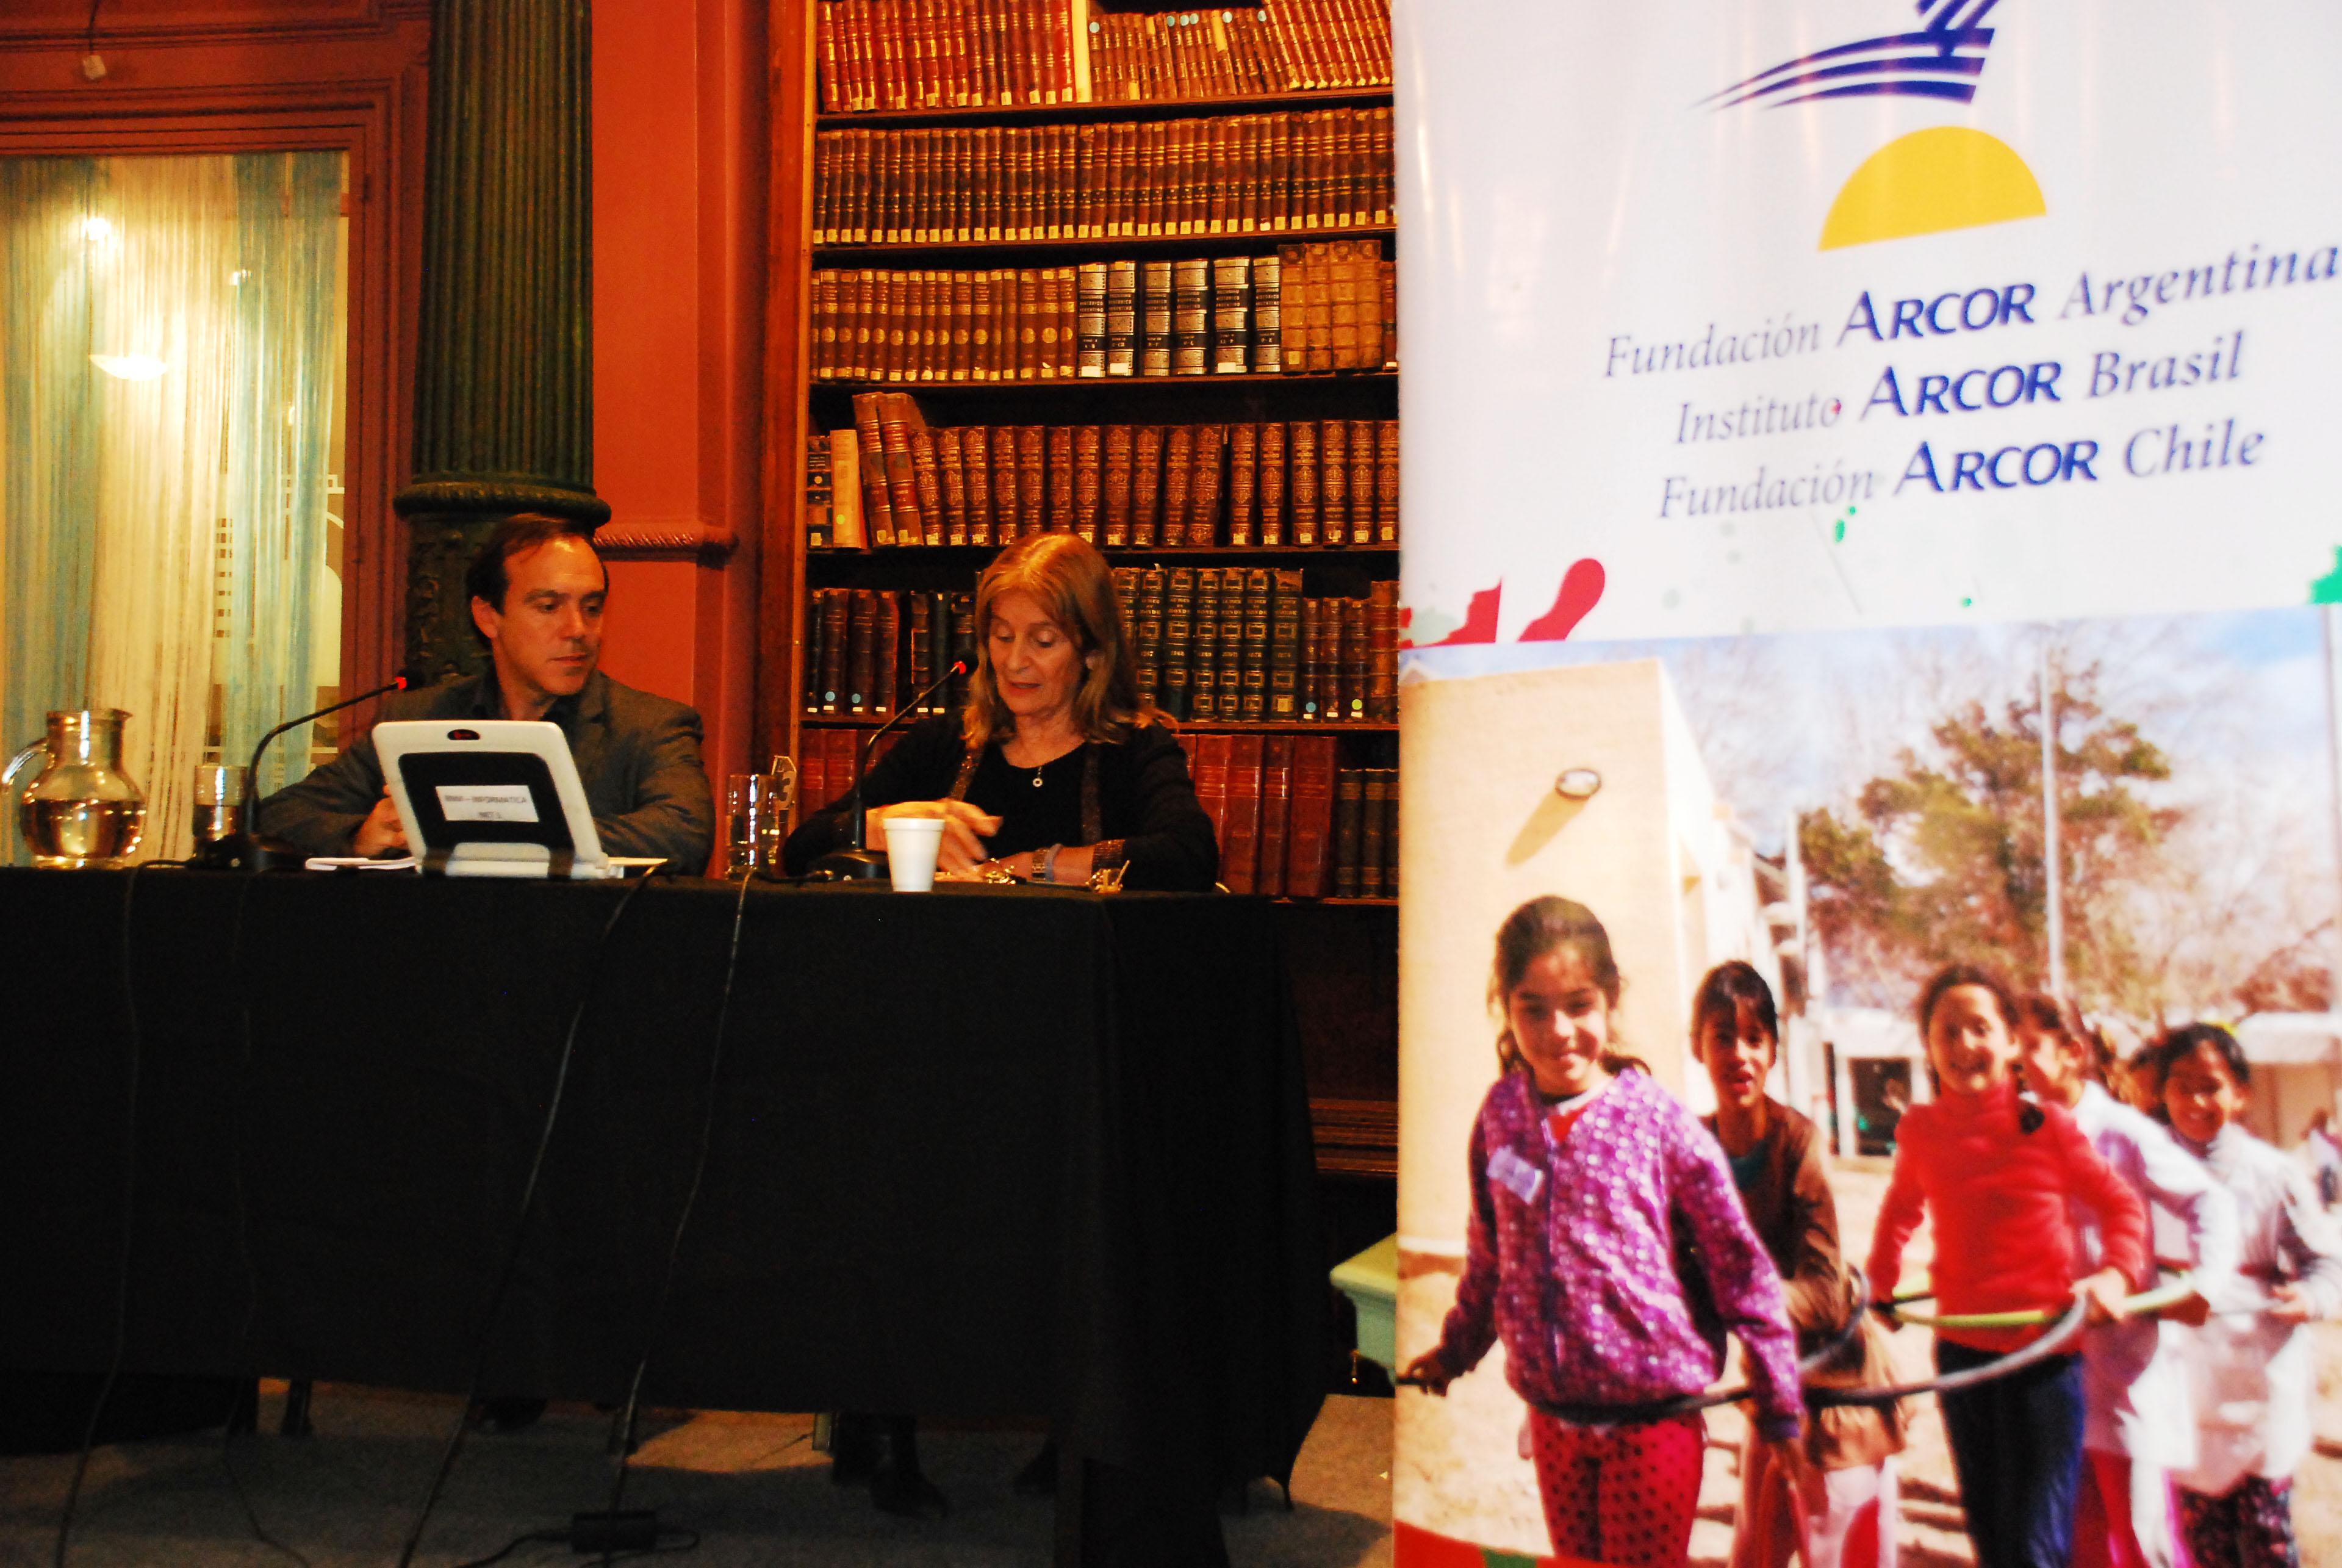 Lic. Javier Rodríguez y Lic. Graciela Perrone